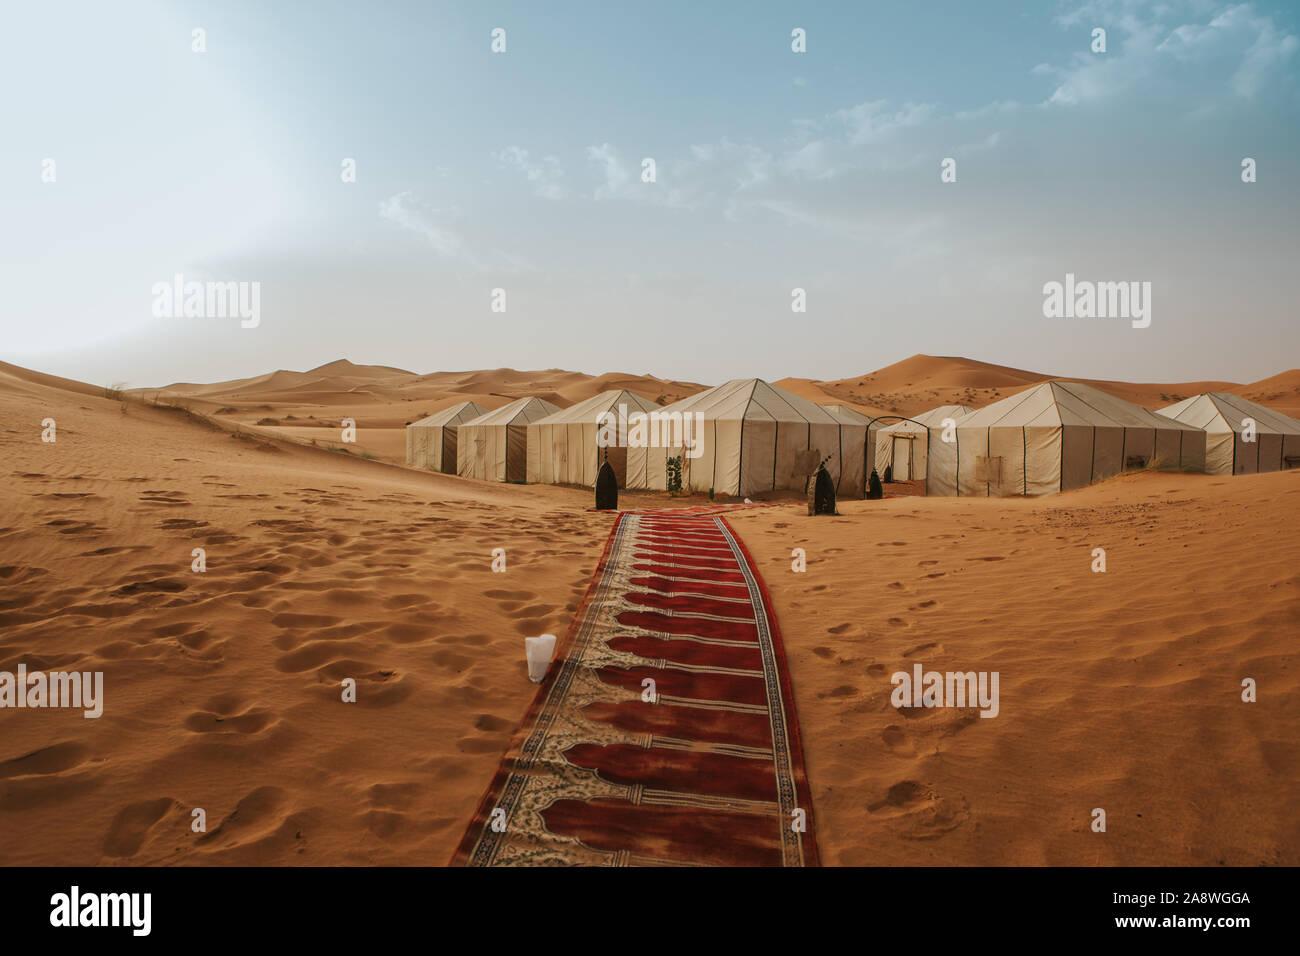 Splendido desert camp e tappeto sulla sabbia formando un corridoio con tende in background. Foto Stock